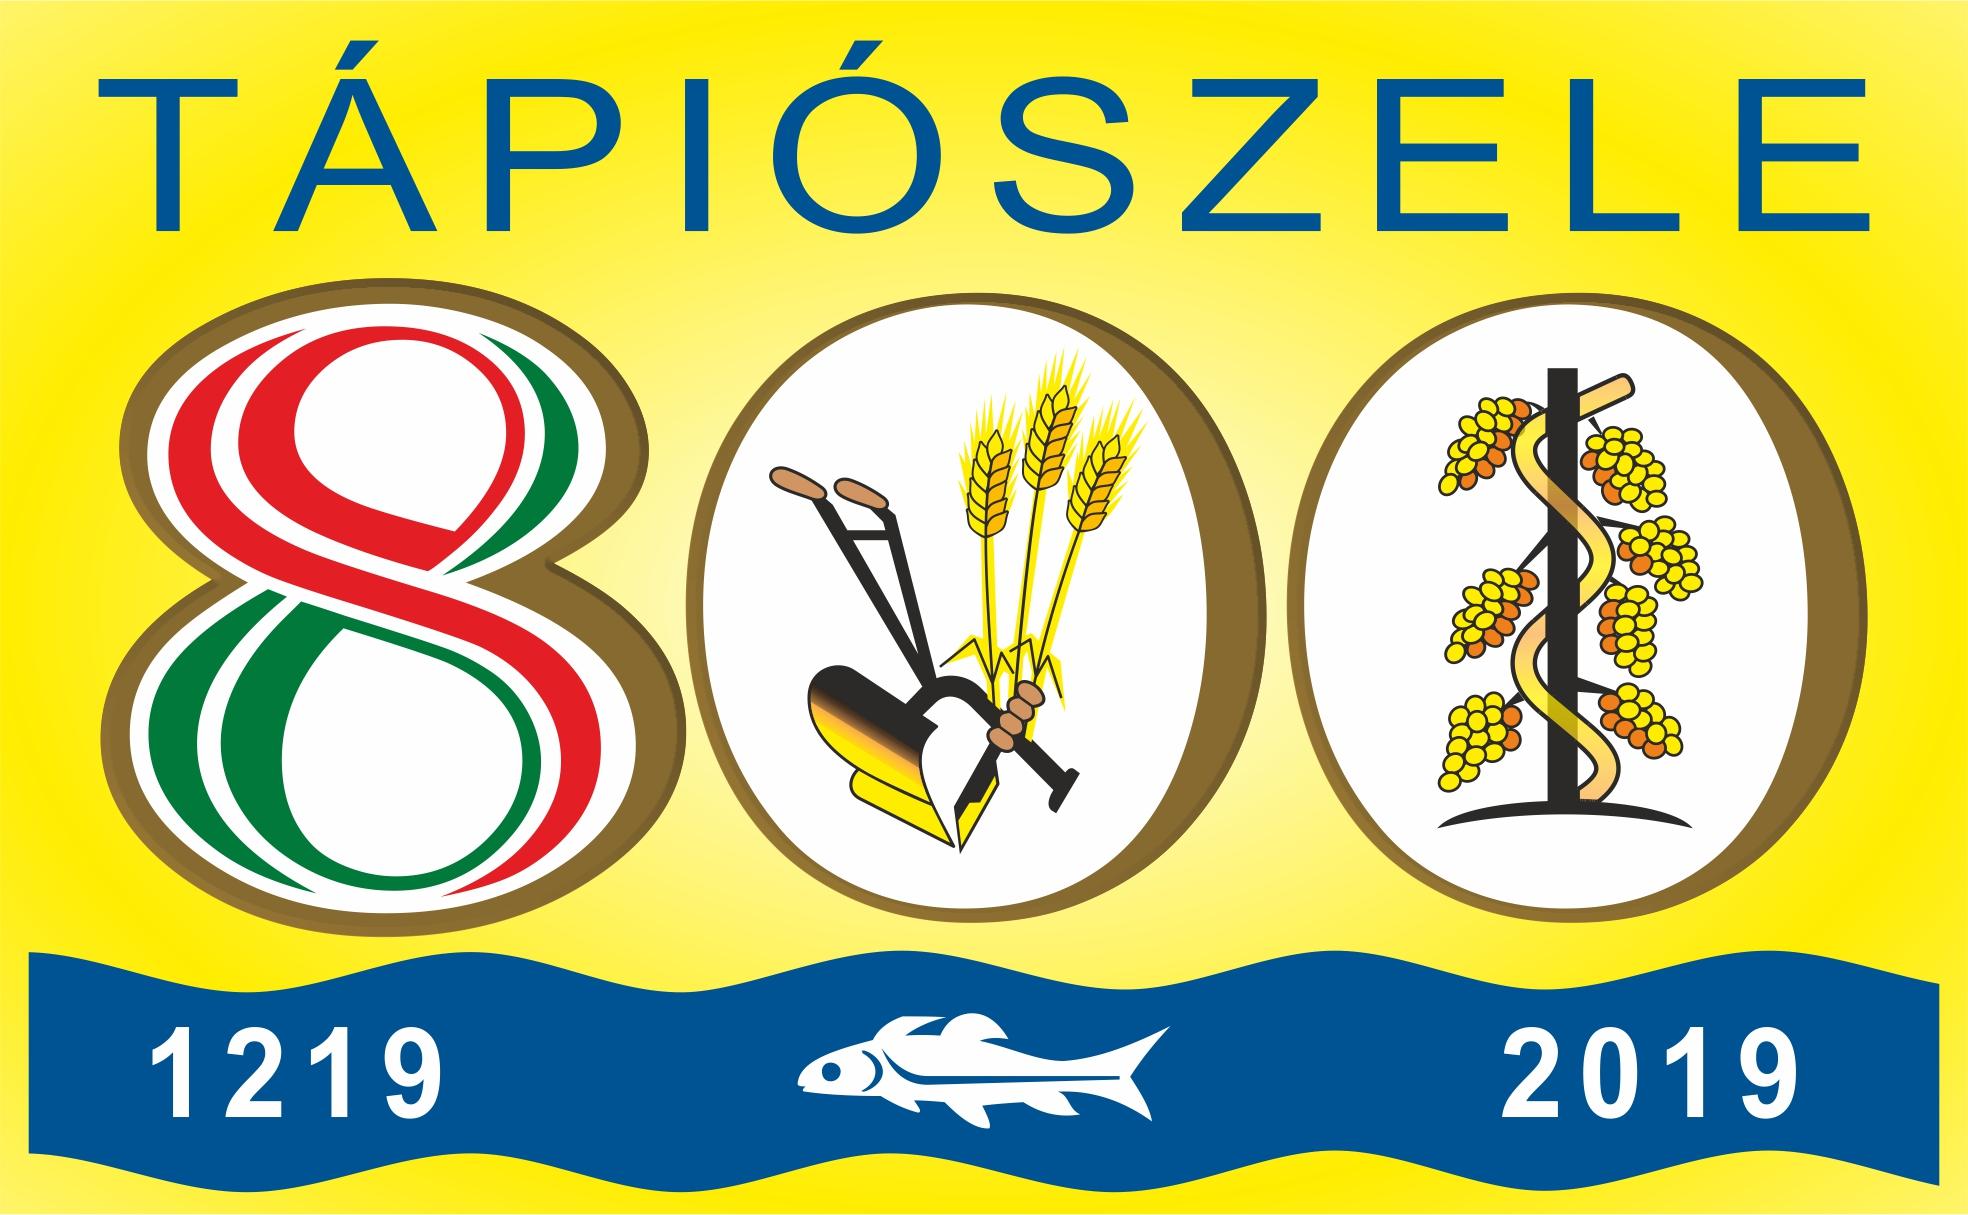 800_eves_logo_vegleges.jpg